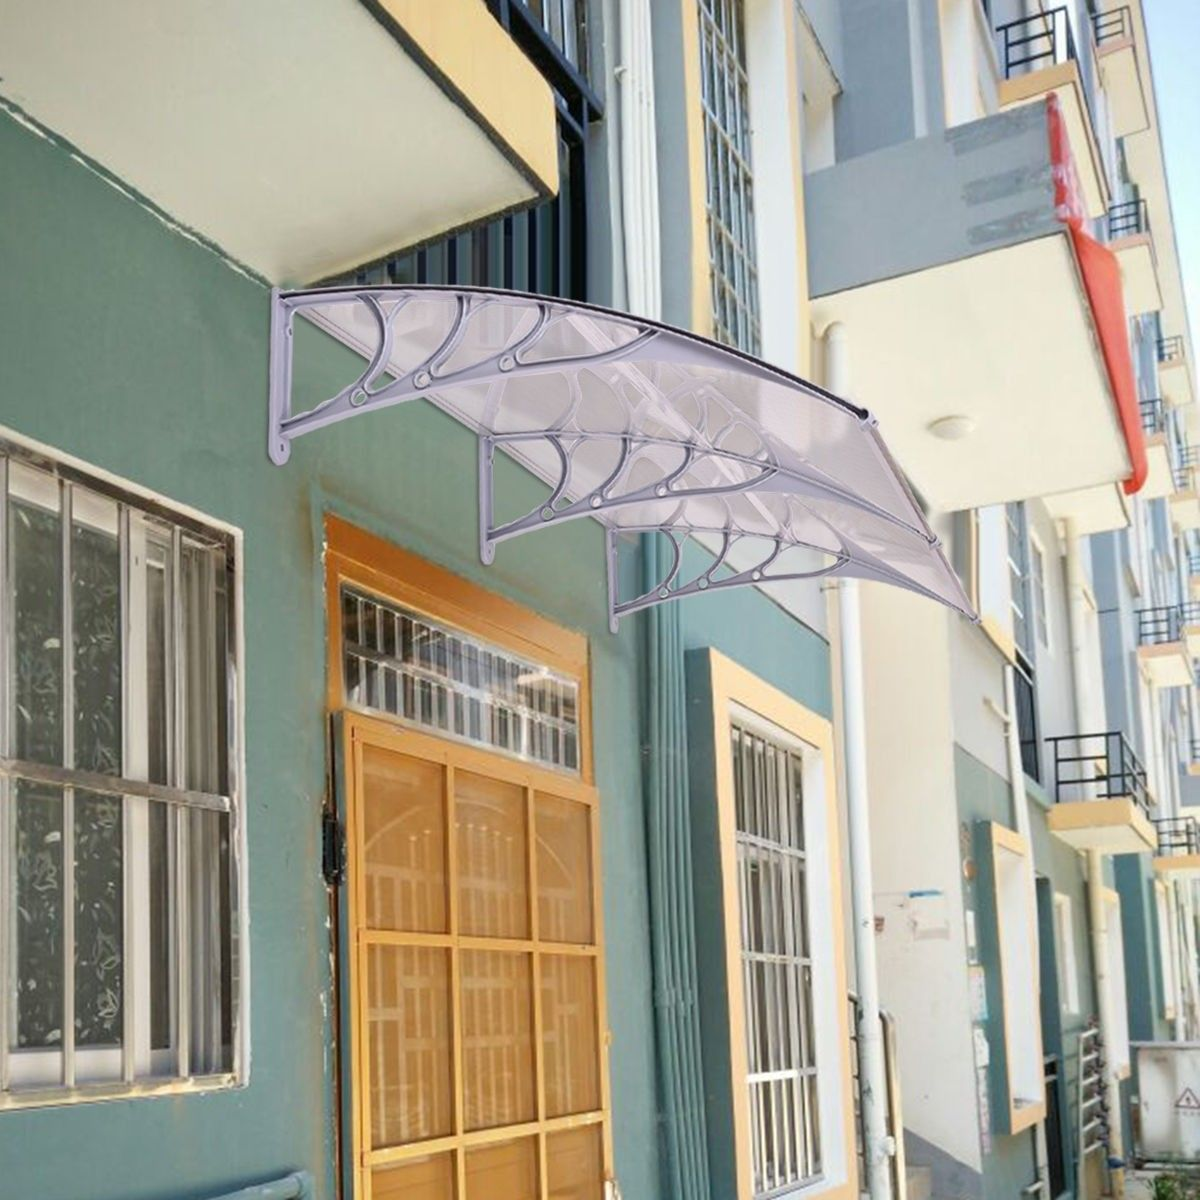 80 X 40 Outdoor Window Awning Door Polycarbonate Canopy Outdoor Window Awnings Canopy Outdoor Canopy Tent Outdoor